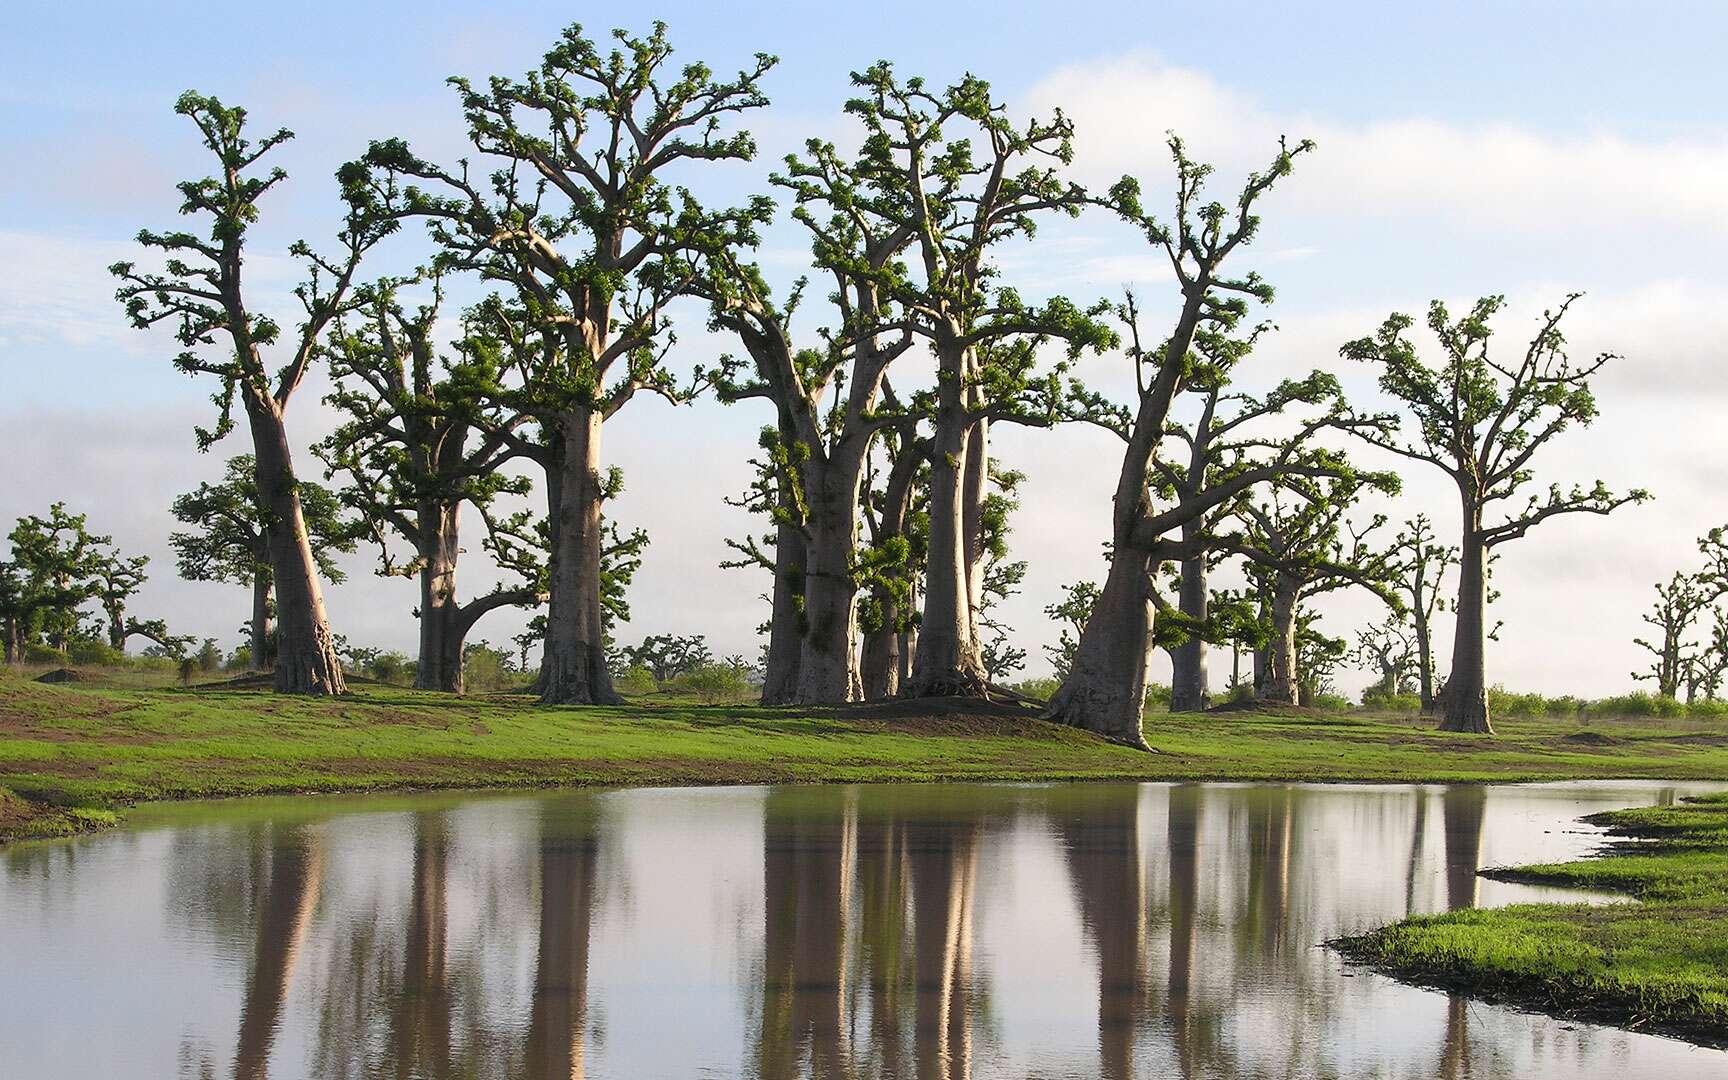 Baobabs dans un paysage de brousse. Dès les premières pluies, le paysage de brousse se reverdit pour quelques mois. Au Sénégal, la saison des pluies débute au mois de juin et s'étend généralement jusqu'au mois d'octobre. L'eau s'accumule rapidement dans les dépressions offrant un contraste assez saisissant avec les baobabs, souvent associés à des endroits arides. La saison des pluies correspond pour les baobabs au cycle de végétation avec la production de feuilles, de fleurs et de fruits qui se termine au mois de novembre, lorsque les fruits commencent à tomber. © Sébastien Garnaud Reproduction et utilisation interdites